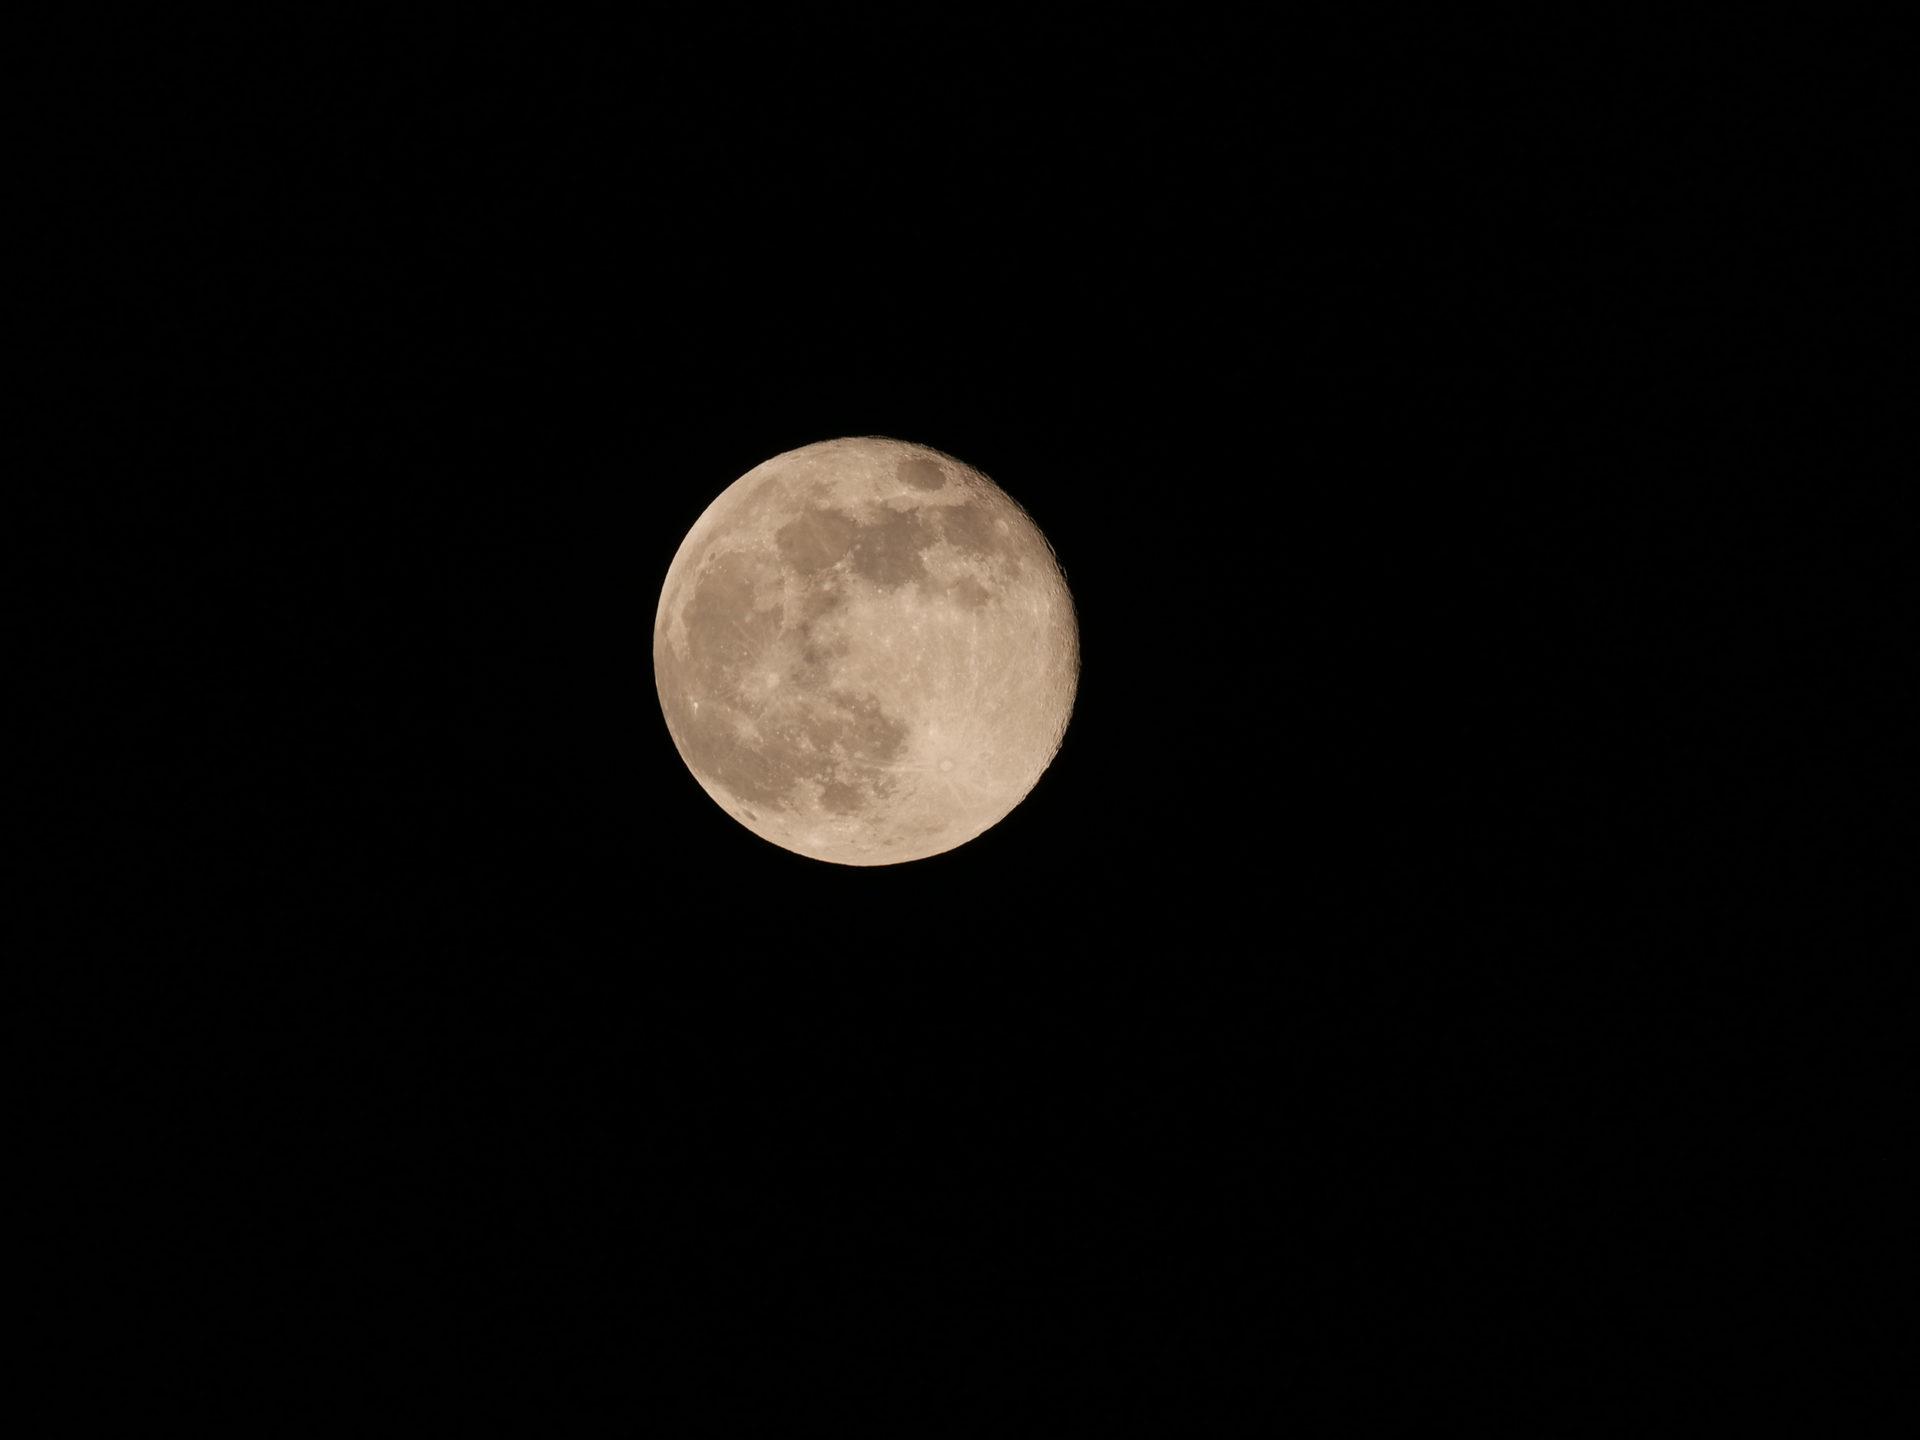 Tutoriel comment prendre des photos de la Lune